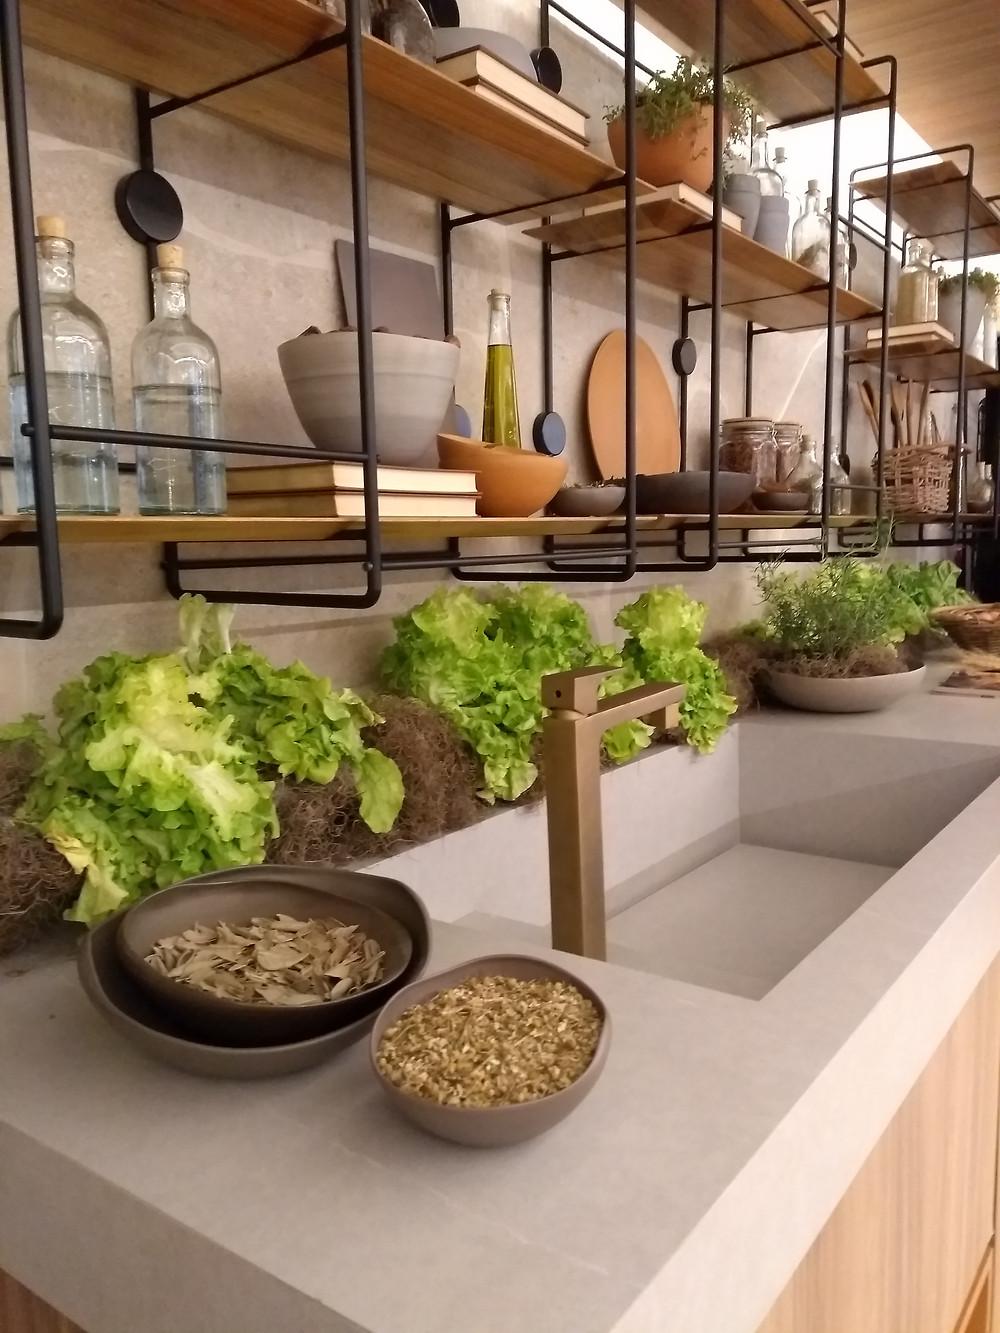 Cozinha rústica Casa Cor 2018 São Paulo